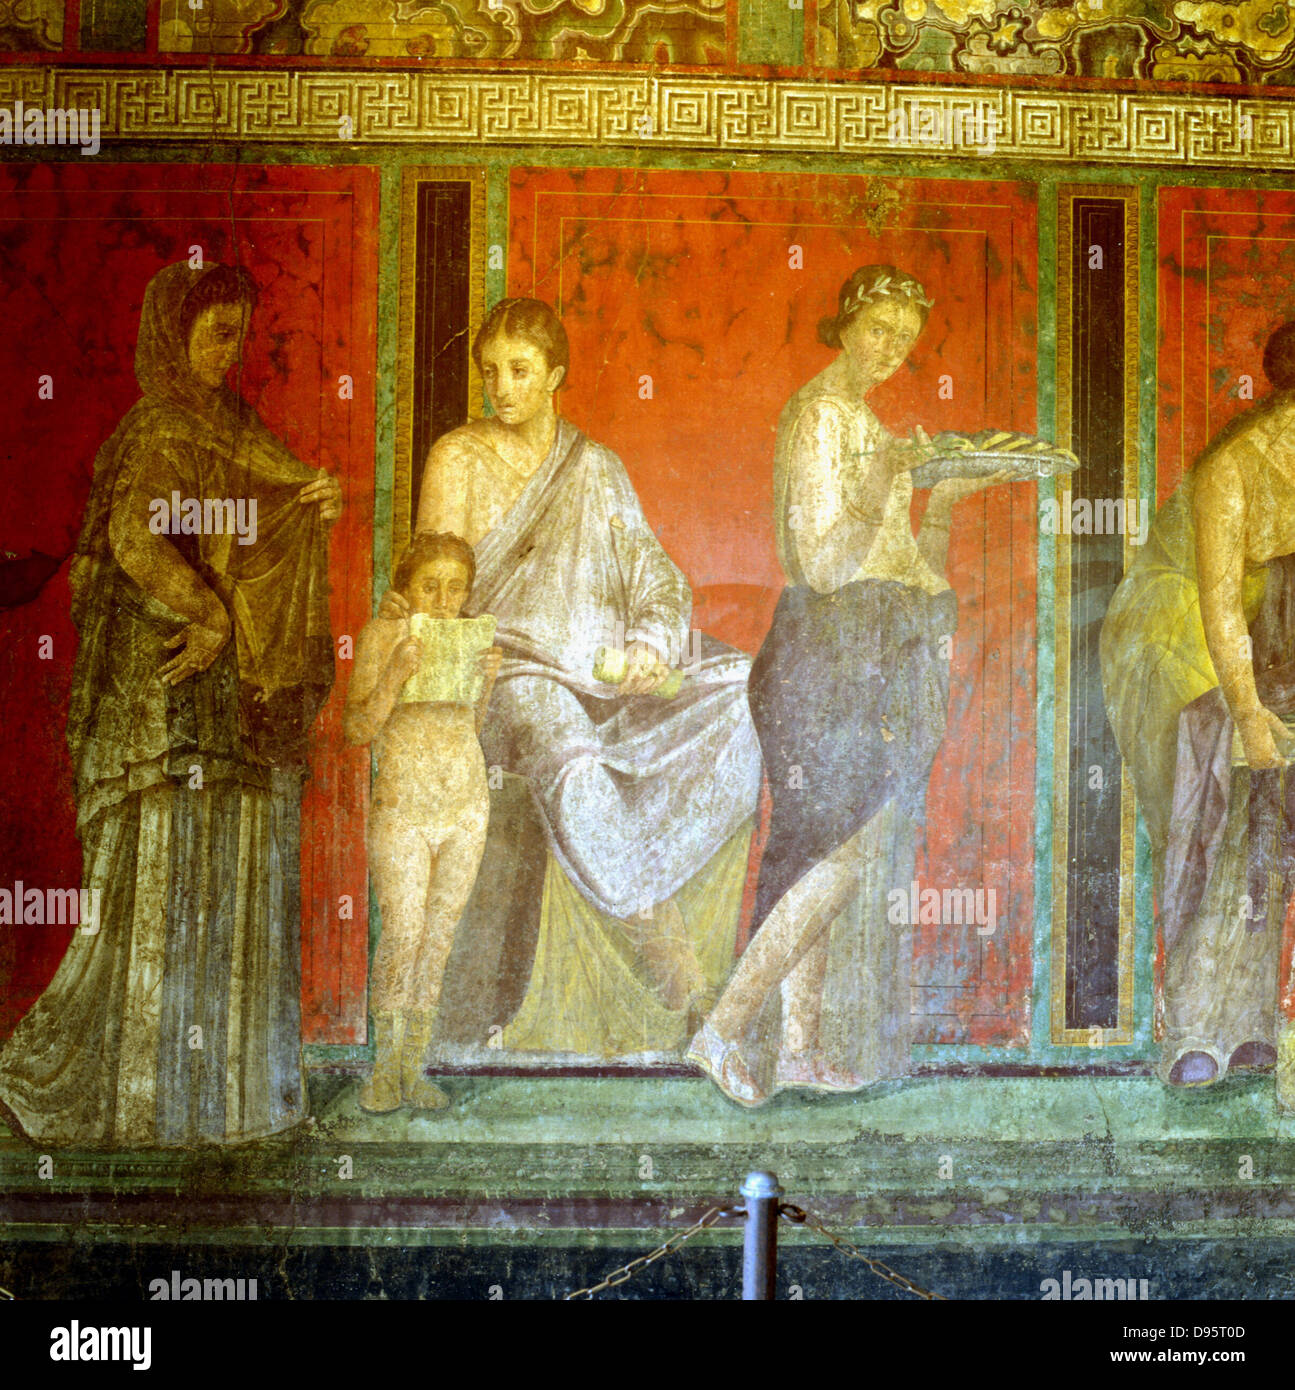 Peinture Murale De Pompéi 1er Siècle Après Jc Banque D